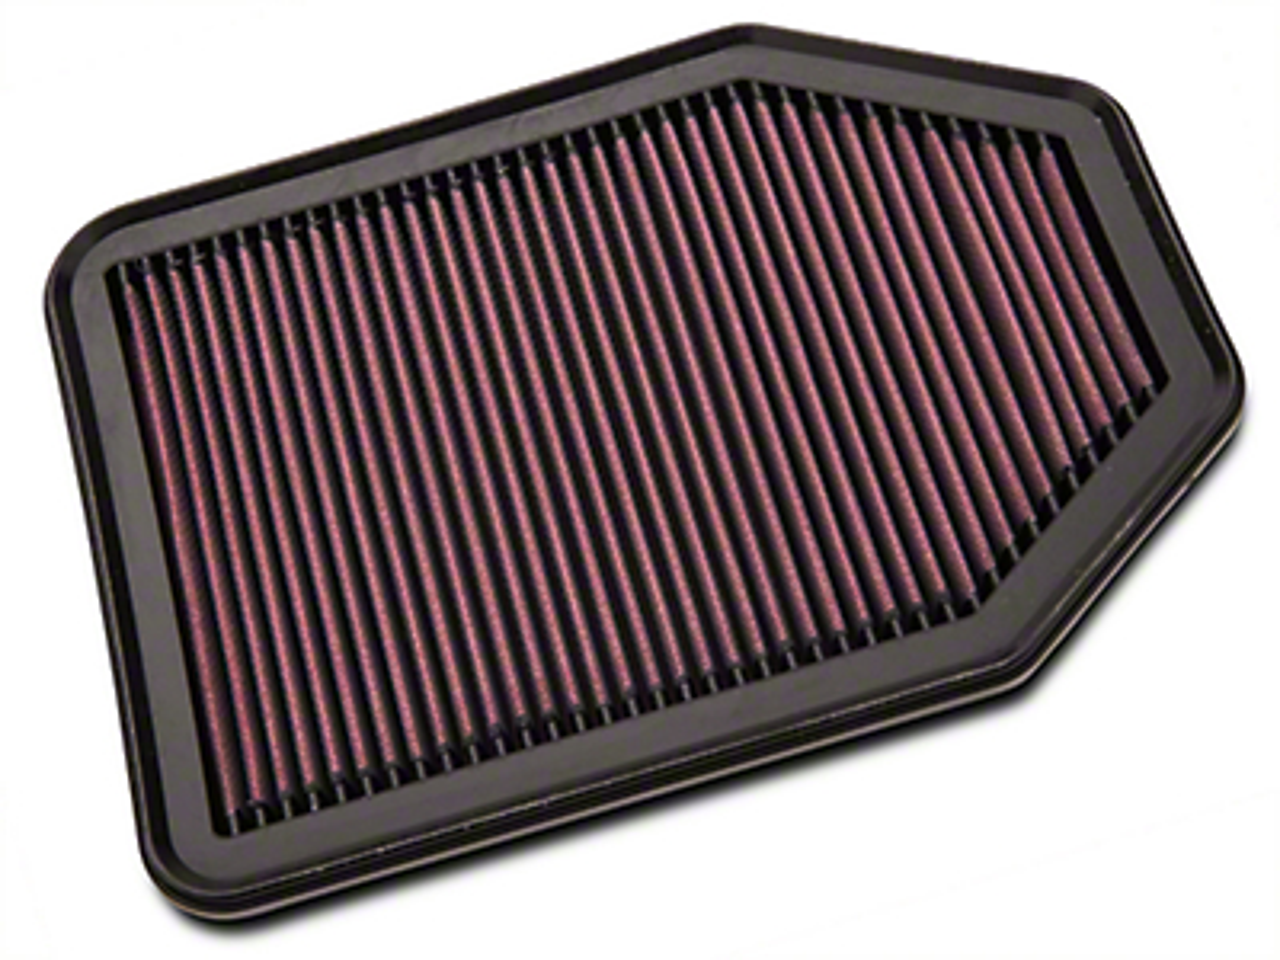 K&N Drop-In Replacement Air Filter (07-17 3.6L or 3.8L Wrangler JK)